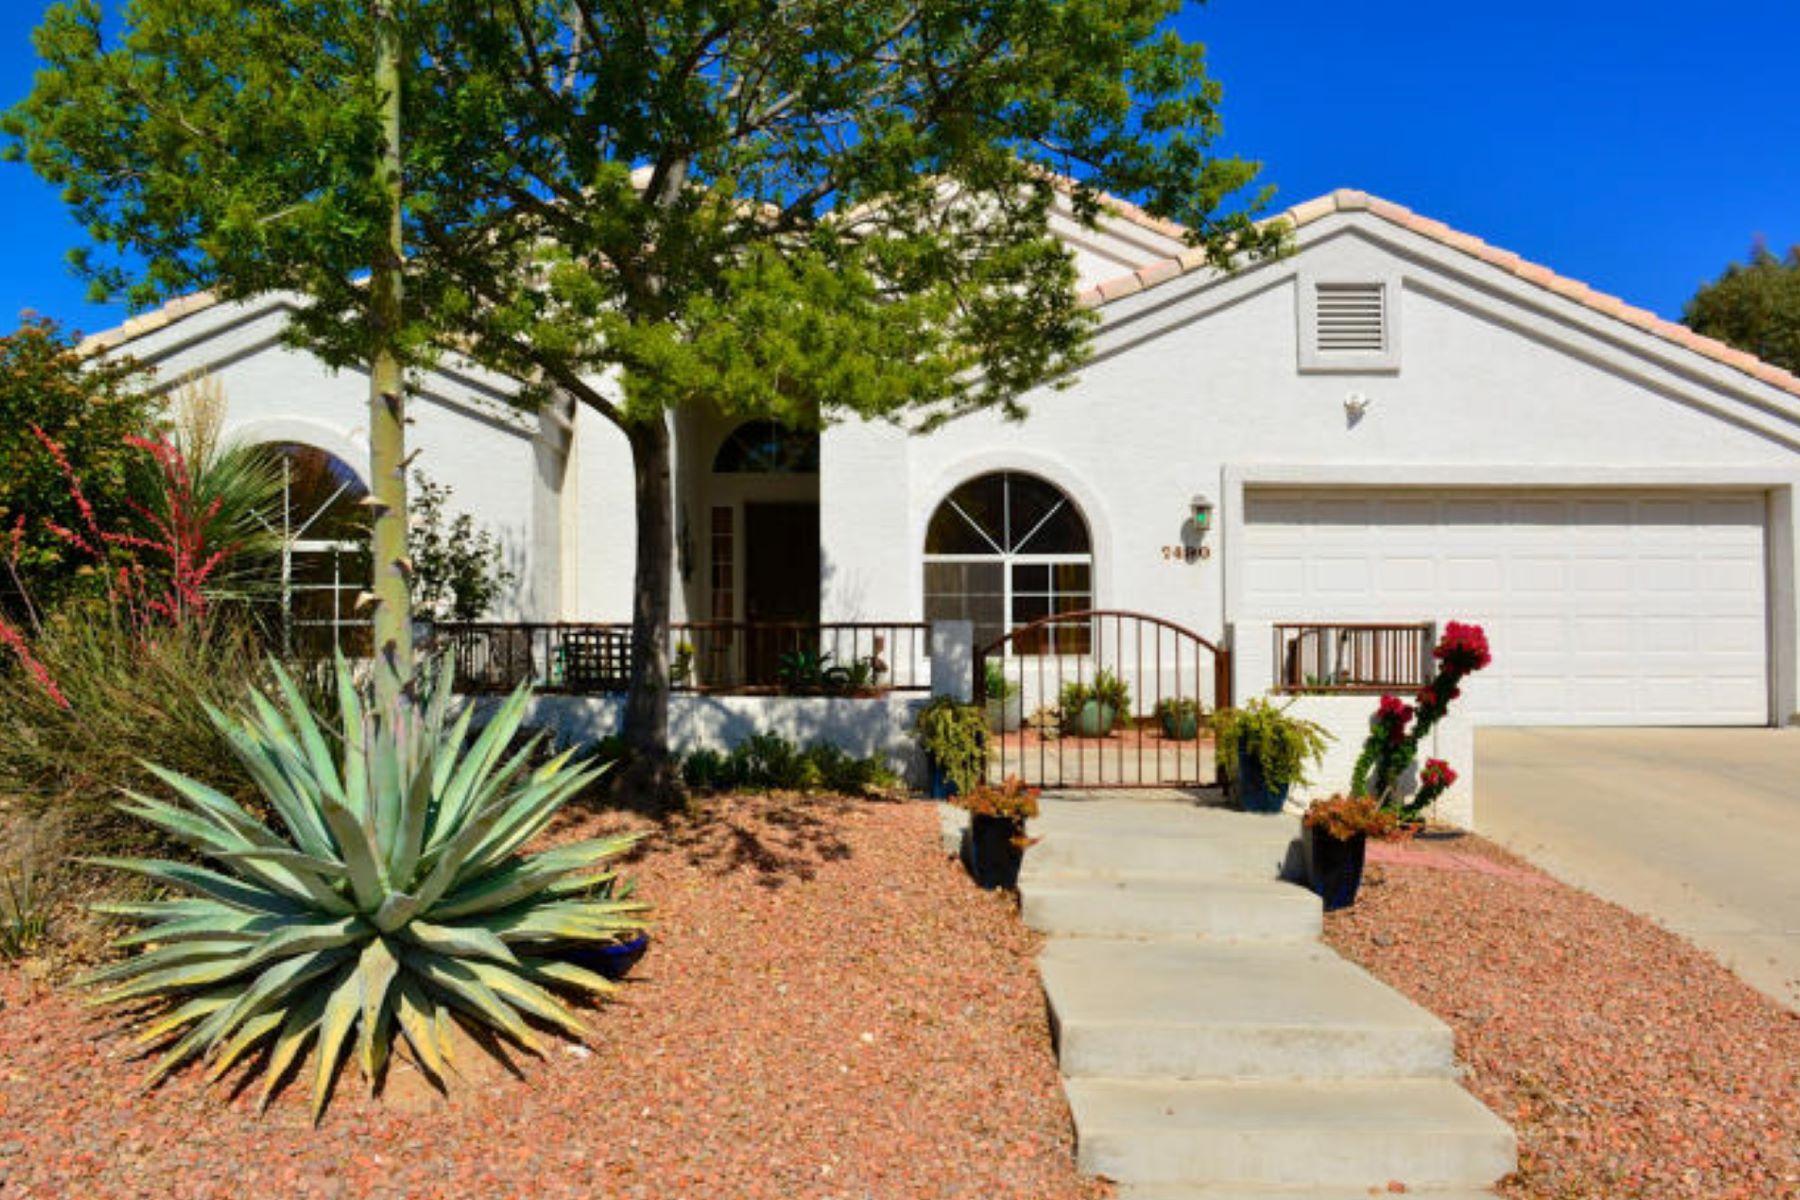 Maison unifamiliale pour l Vente à Thornydale Terrace 7490 N. Thornwood Rd. Tucson, Arizona, 85741 États-Unis